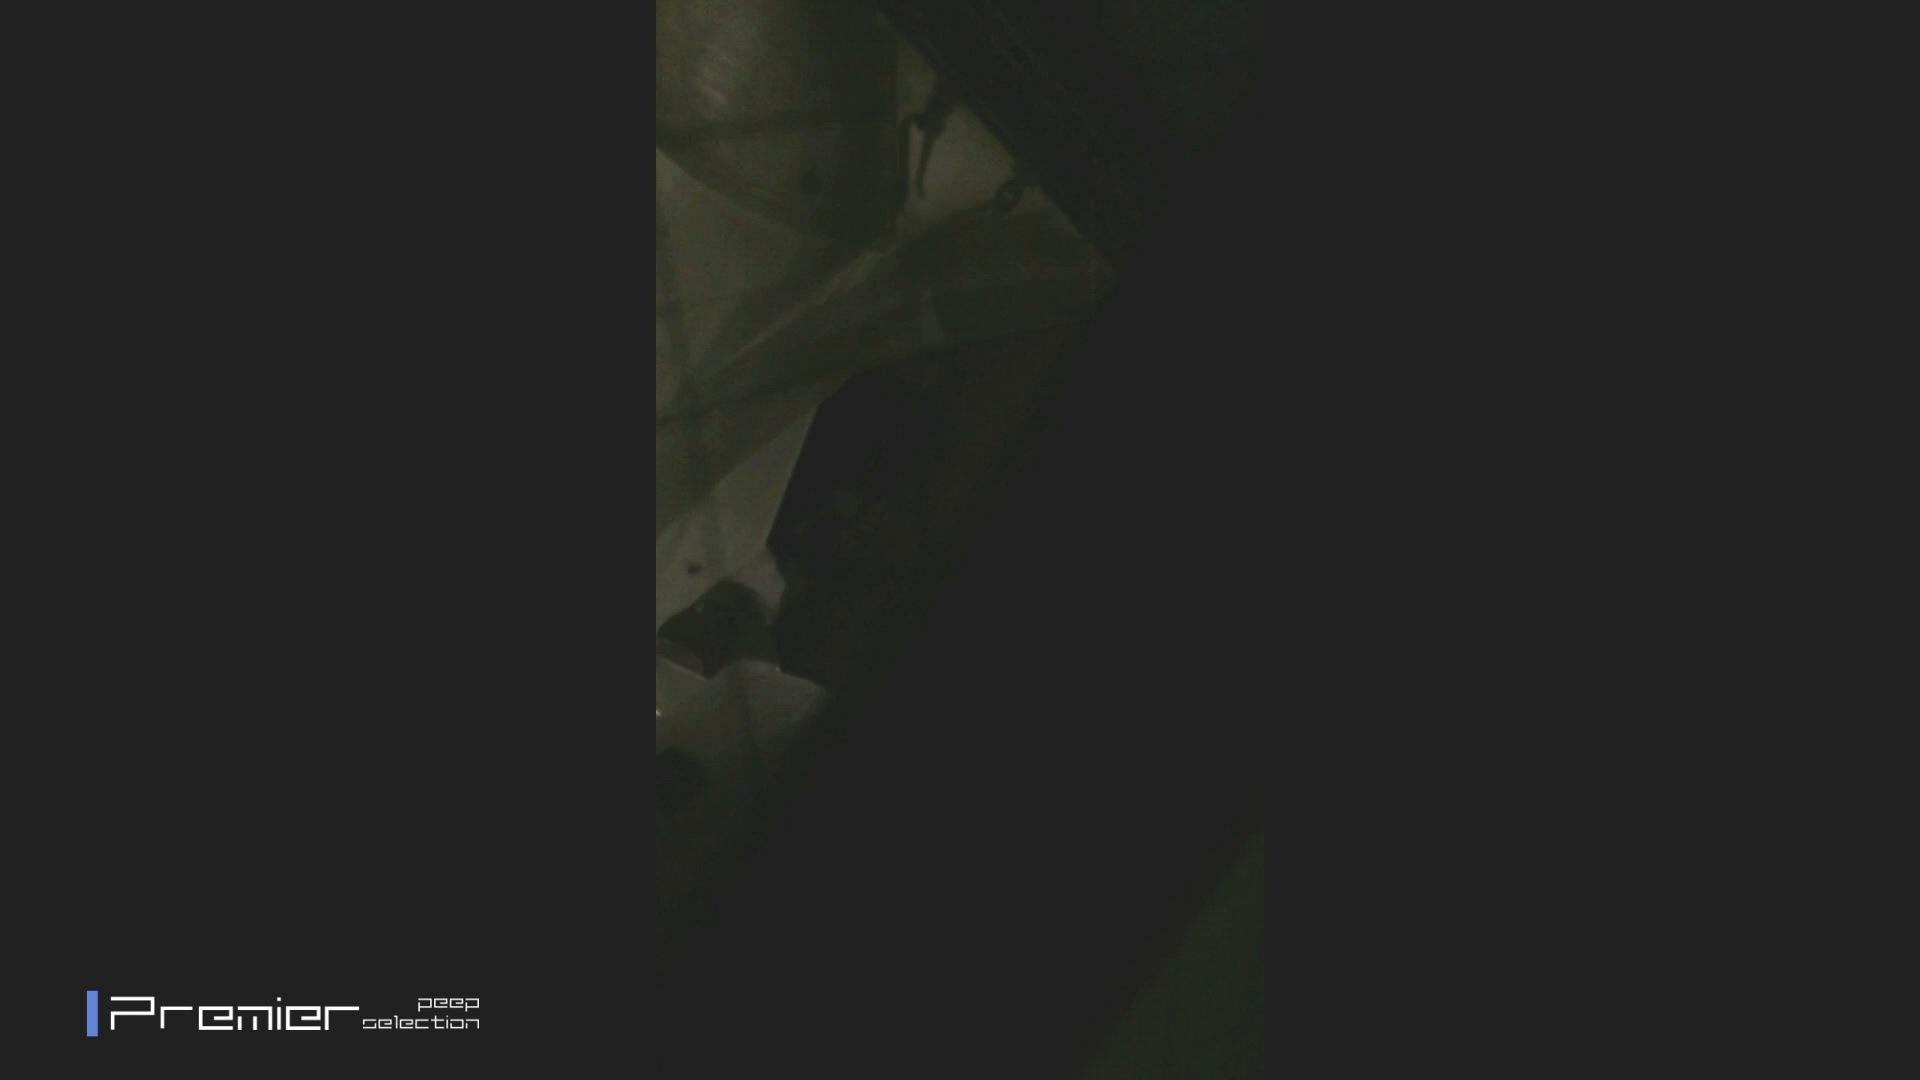 未公開★現役モデルのシャワー  美女達の私生活に潜入! シャワー室 すけべAV動画紹介 108画像 8